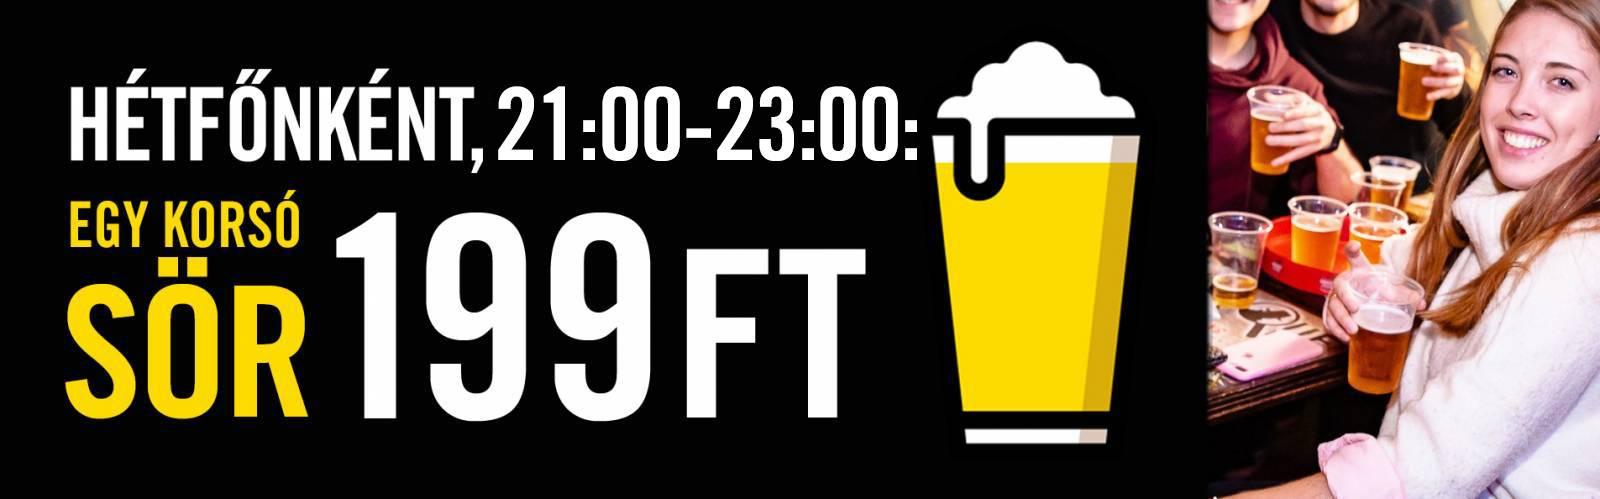 Hétfői sörakció